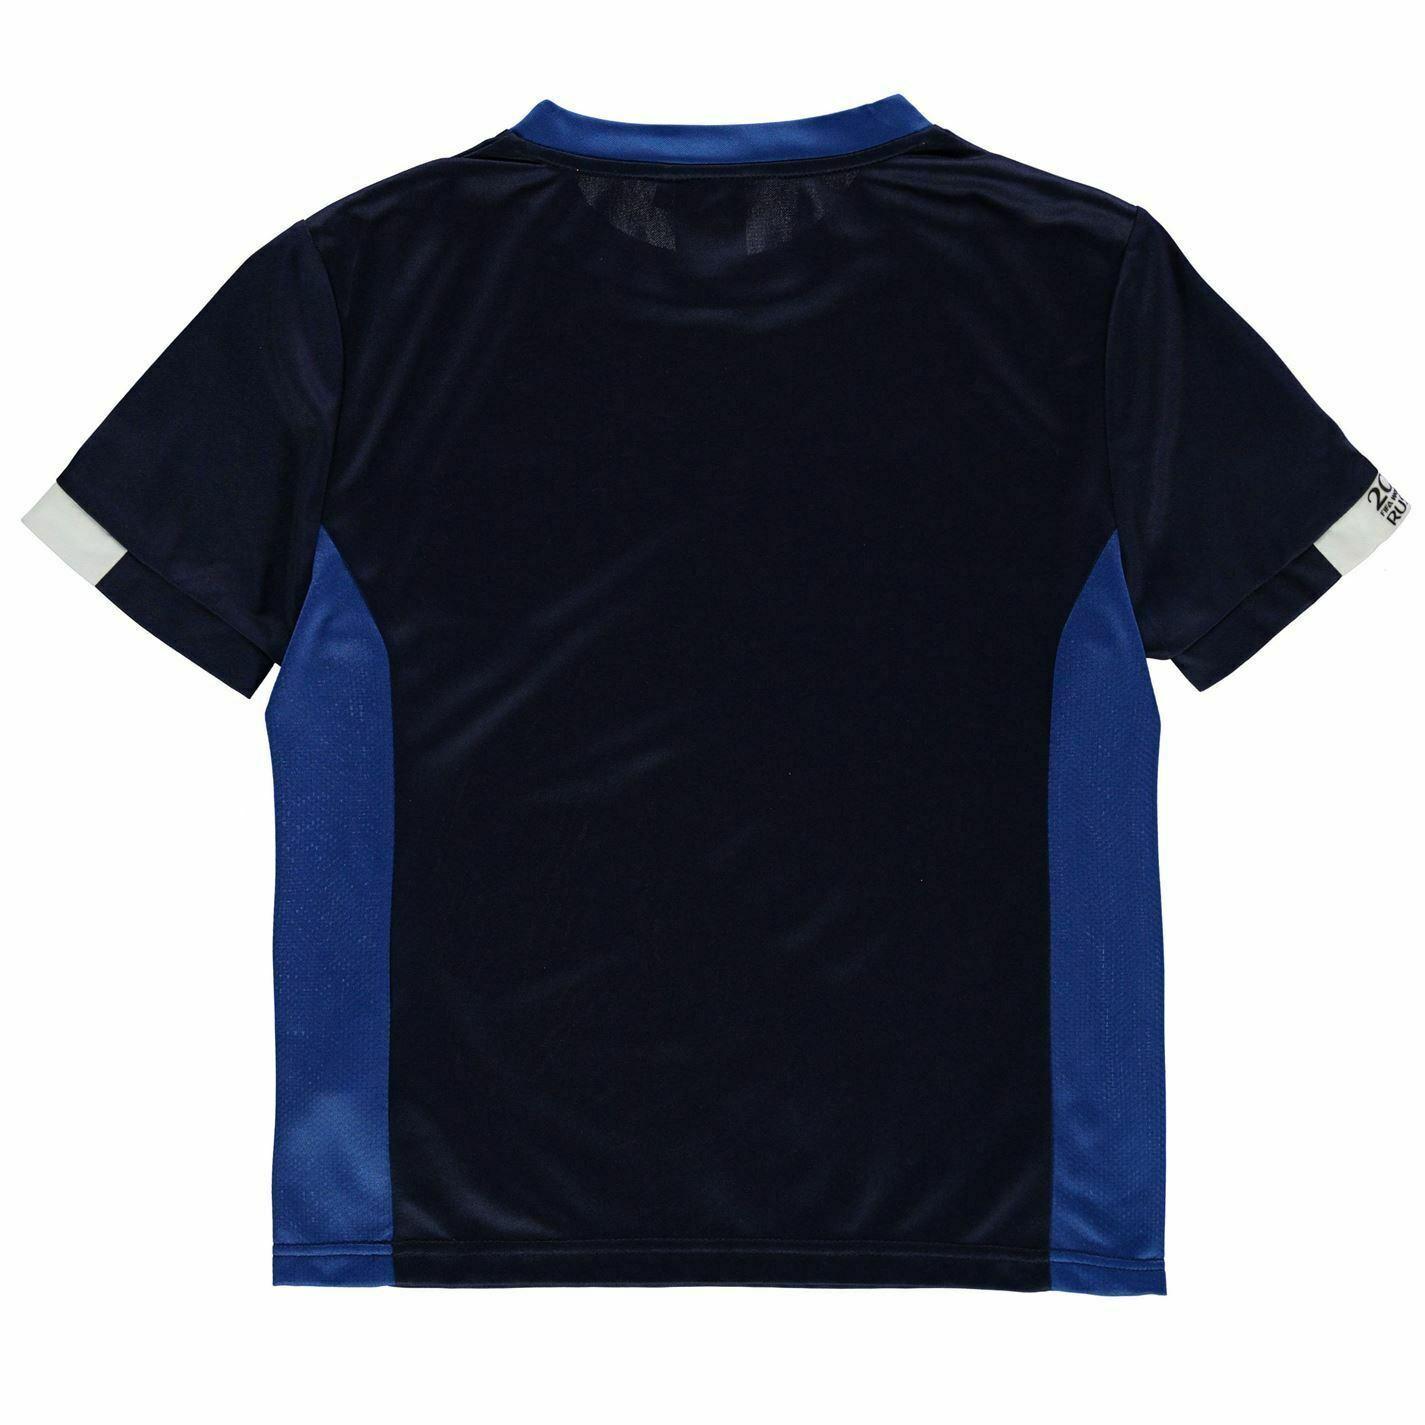 miniature 5 - FIFA Coupe du monde 2018 Angleterre T-Shirt Juniors FOOTBALL SOCCER top tee shirt